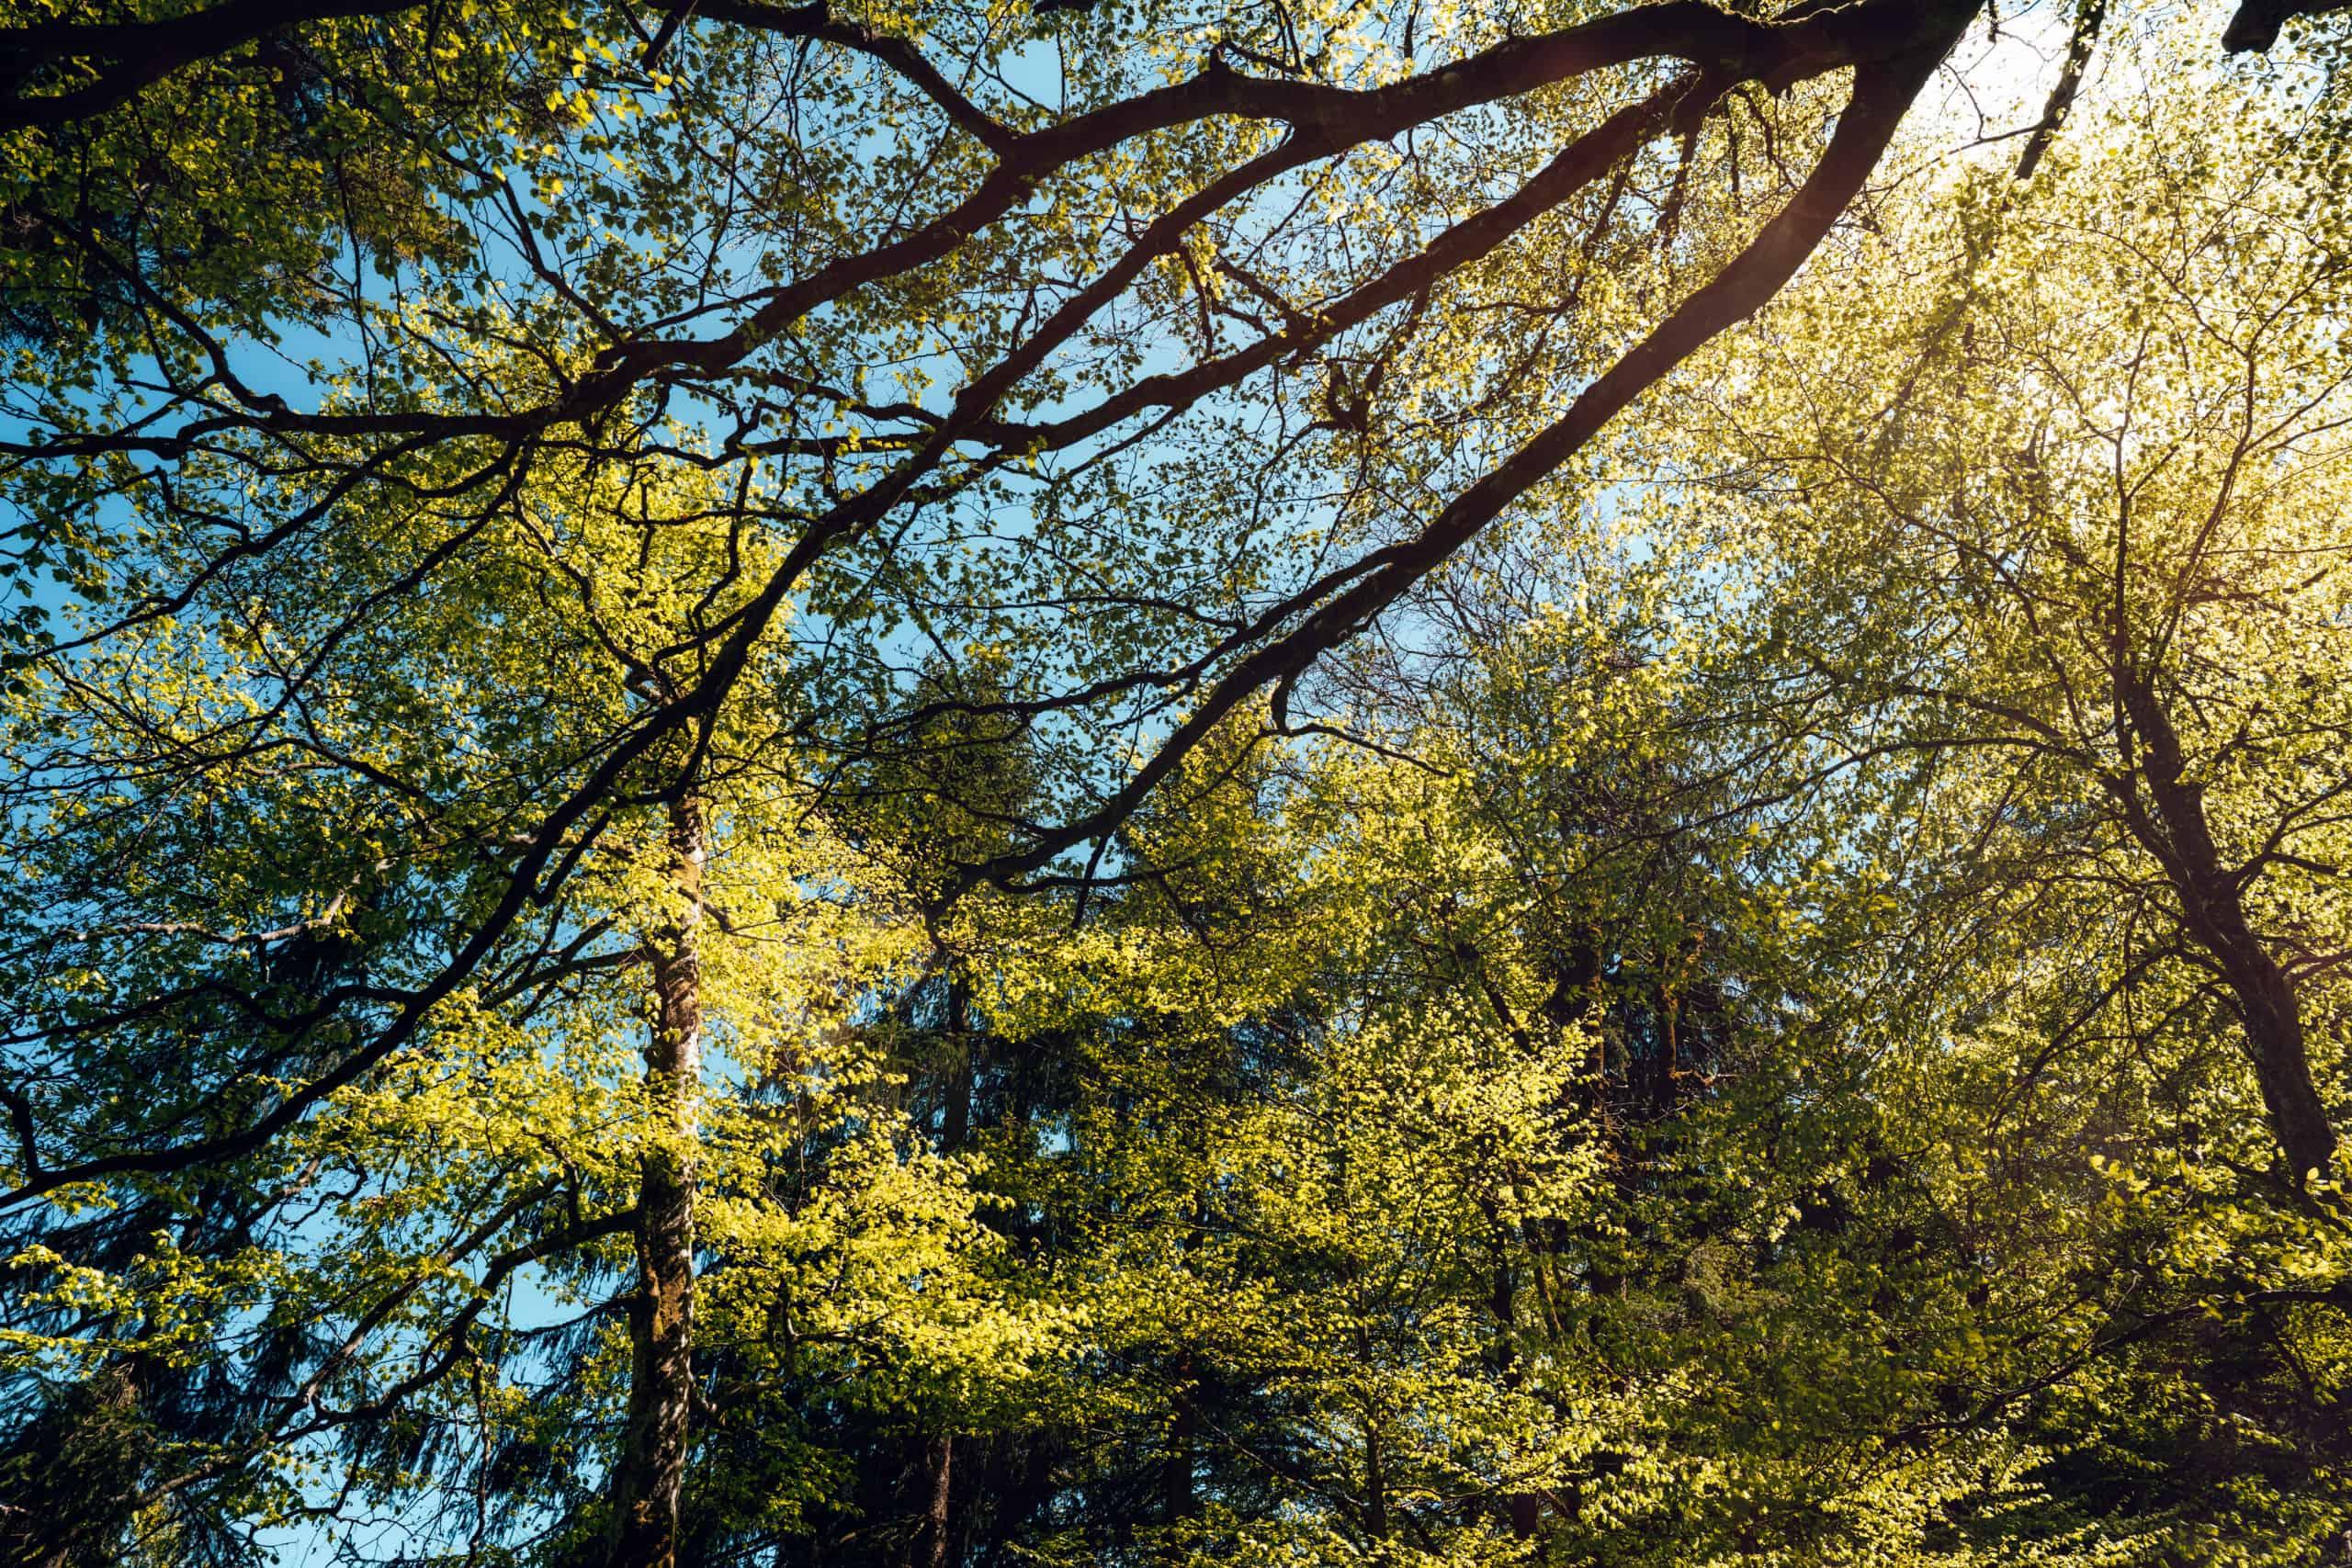 Strahlendes Licht im Wald